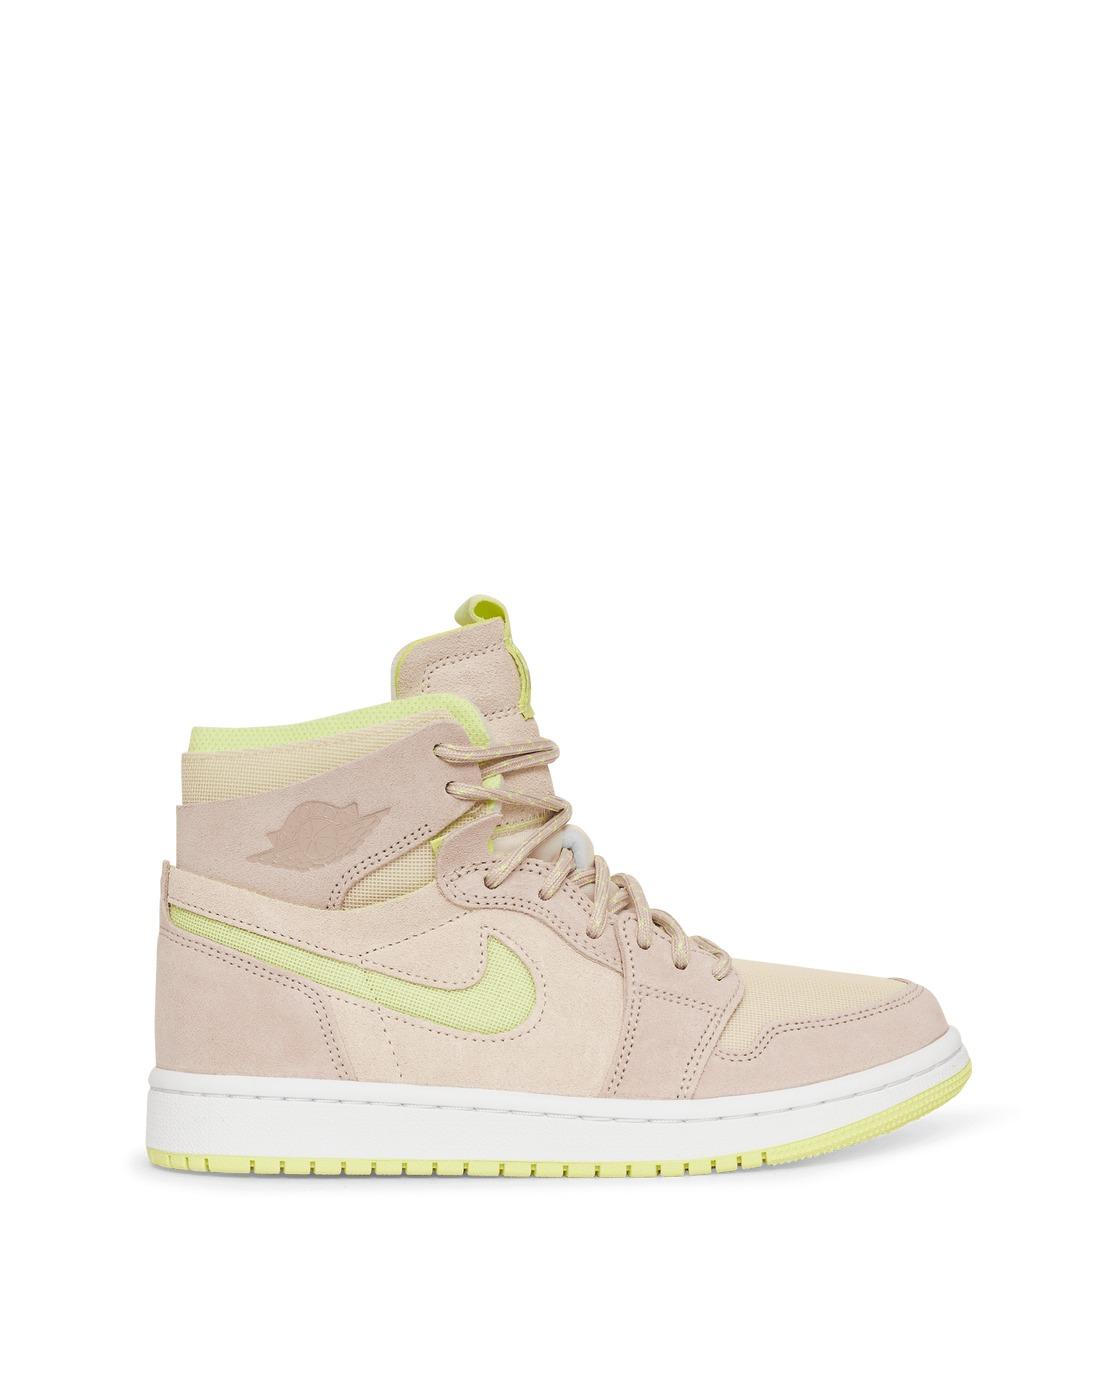 Photo: Nike Jordan Air Jordan 1 Zoom Air Comfort Sneakers Pearl White/Fossil